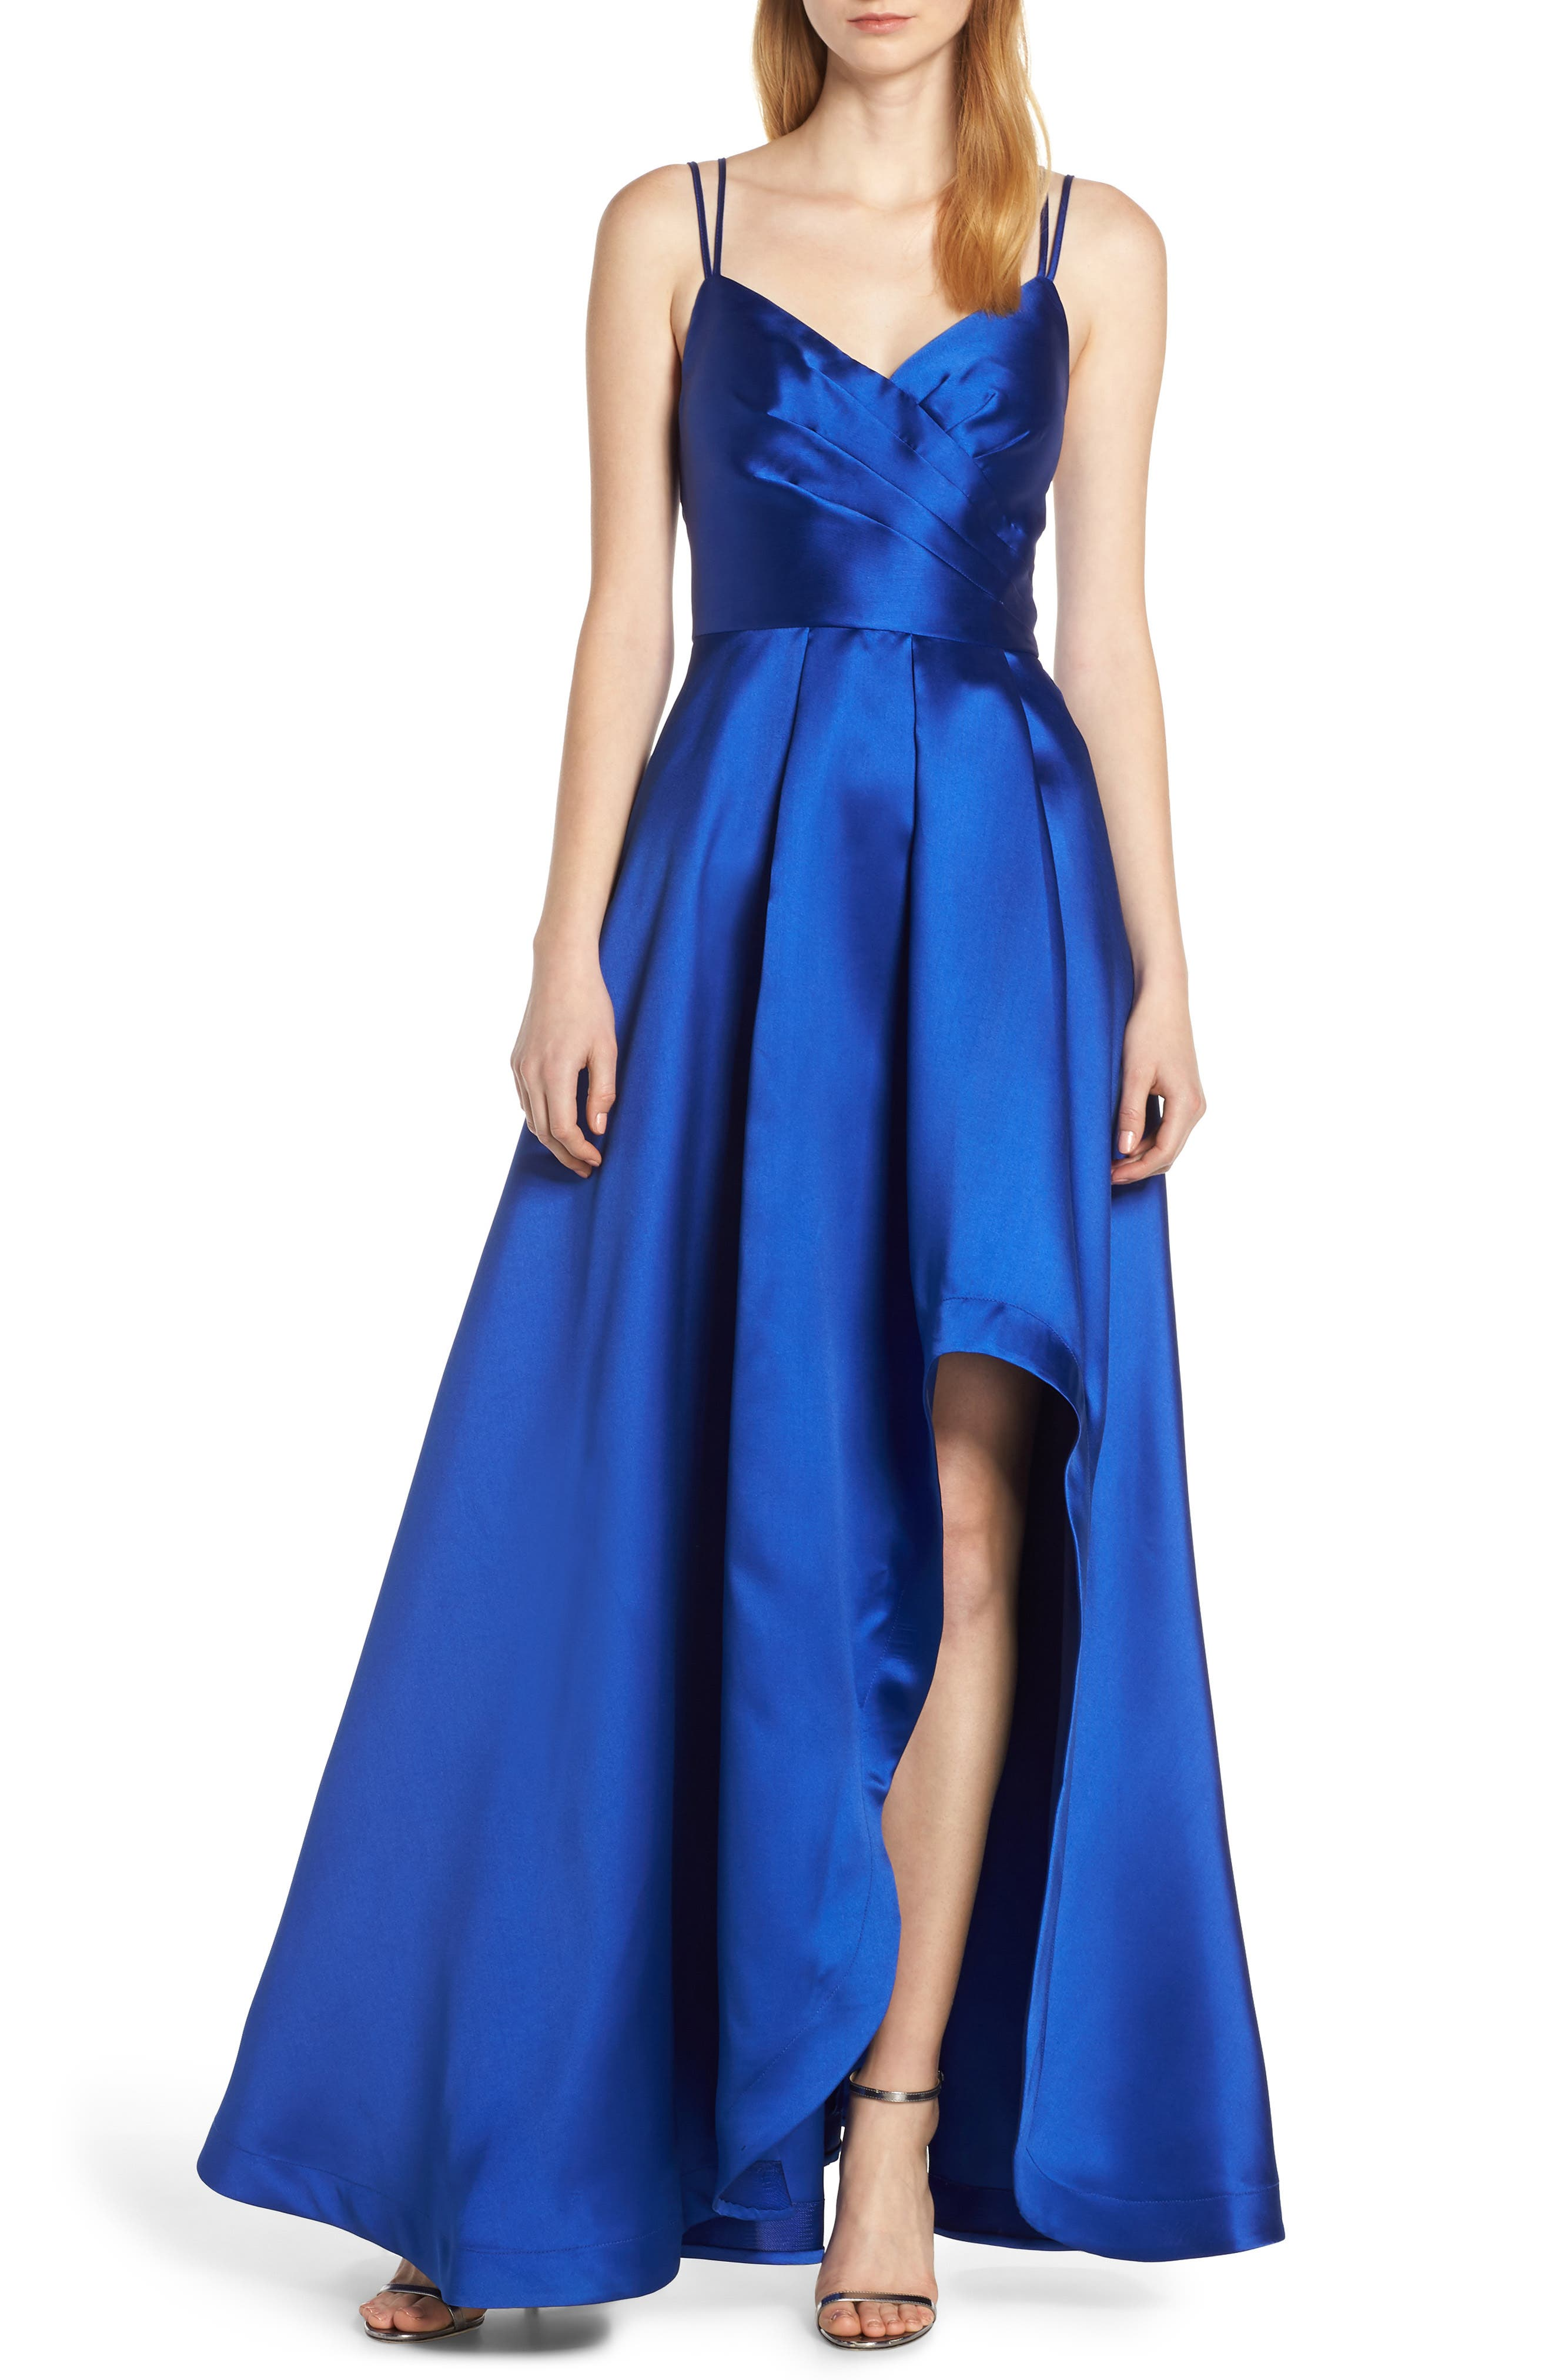 Sequin Hearts Asymmetrical High/low Satin Evening Dress, Blue